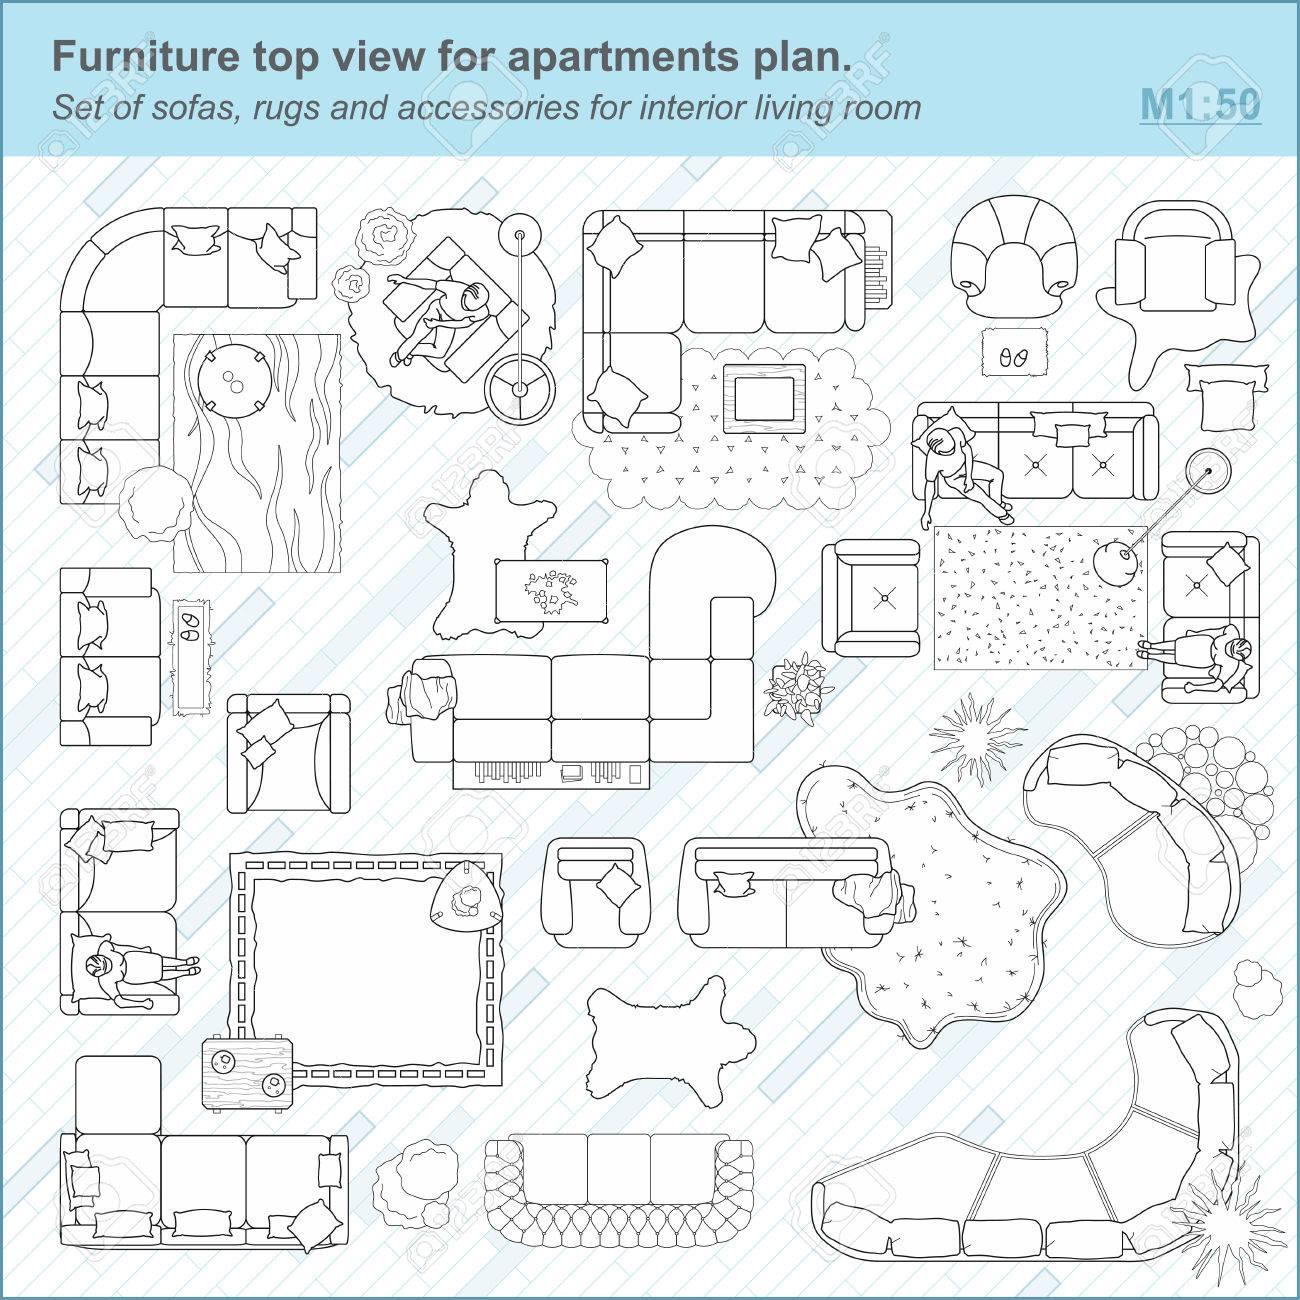 Set Von Sofas, Teppichen Und Zubehör Für Innenwohnzimmer Möbel Draufsicht  Für Wohnungen Planen. Set Von Sofas, Teppichen Und Zubehör Für Den  Innenwohnraum.